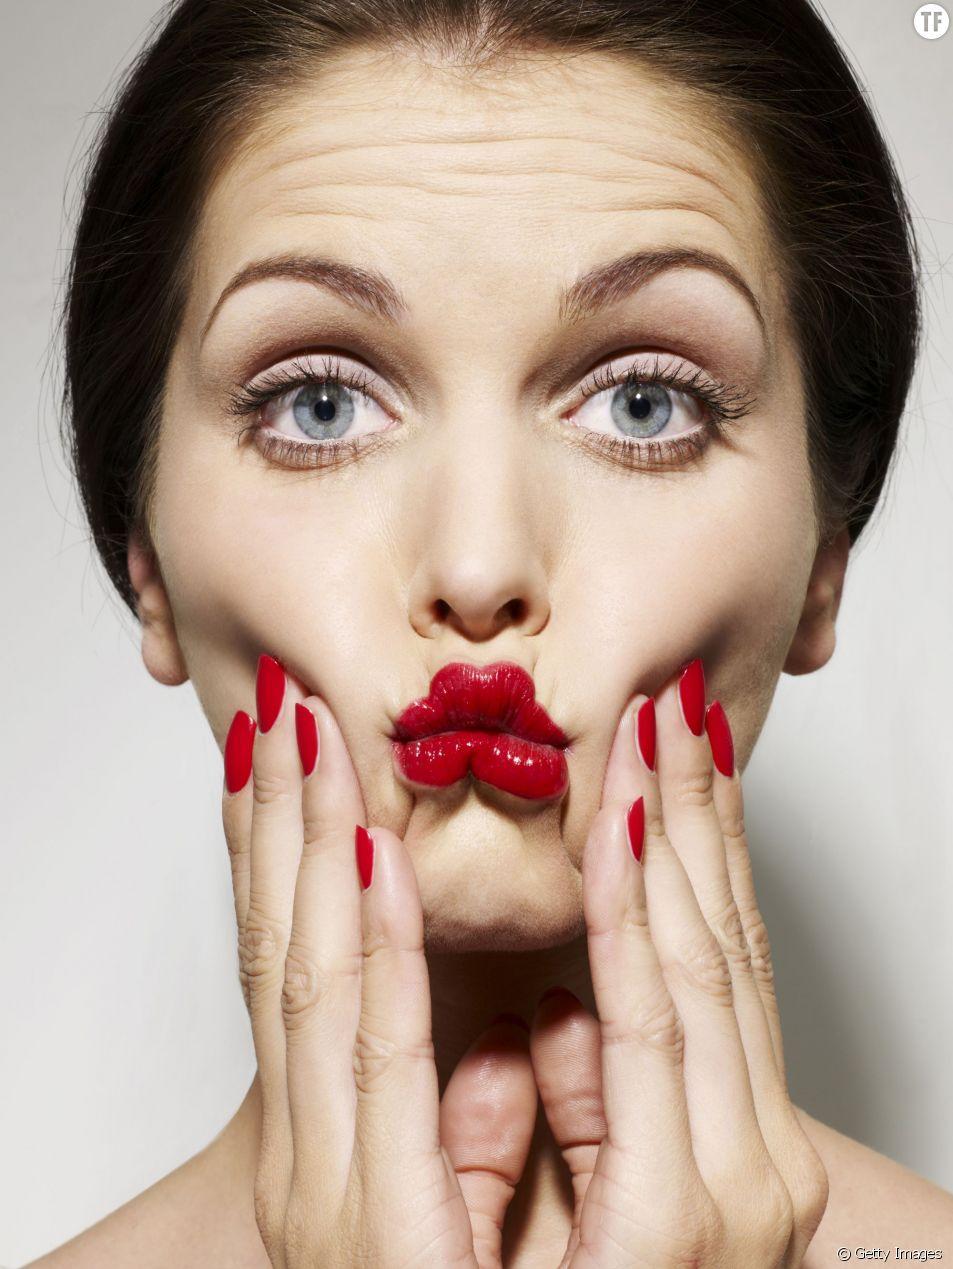 Sexisme : les femmes non maquillées moins payées